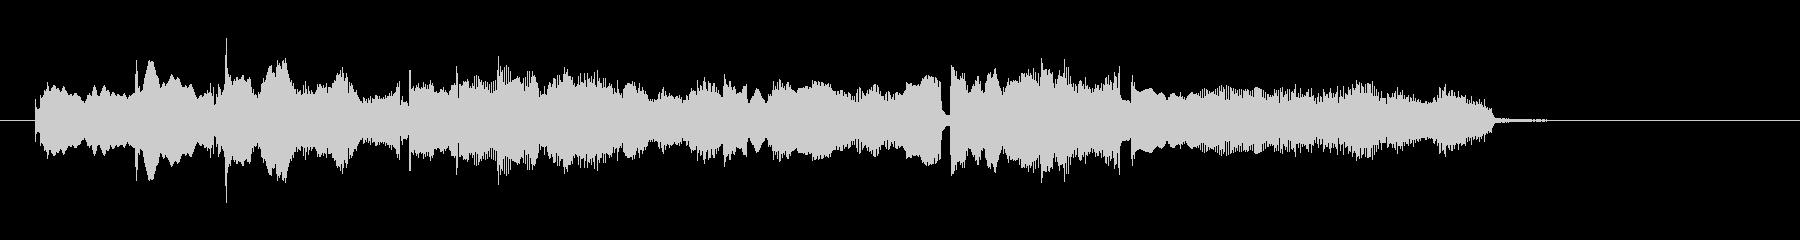 きらびやかなエレピソロによるジングルの未再生の波形